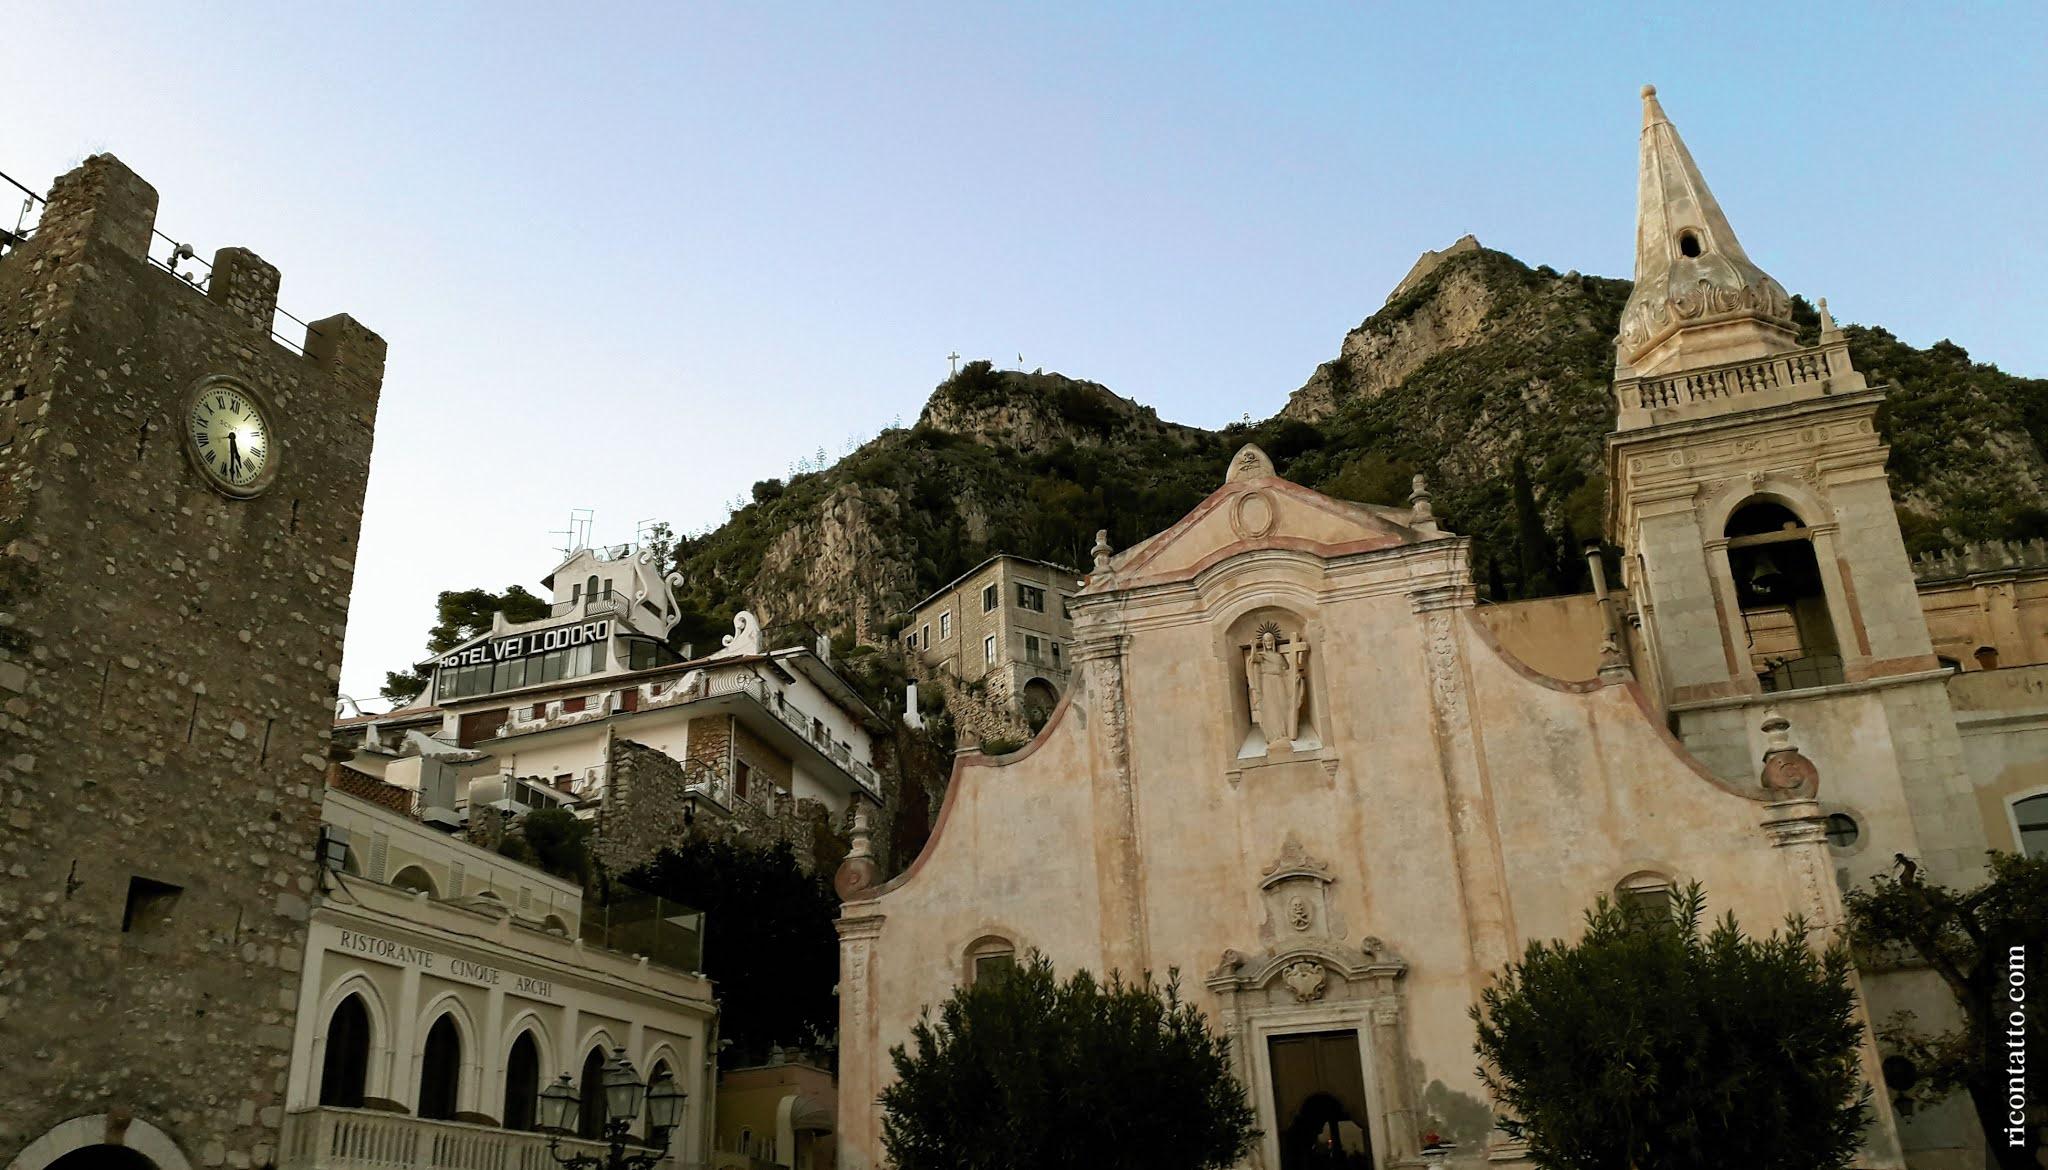 Taormina, Sicilia, Italy - Photo #03 by Ricontatto.com